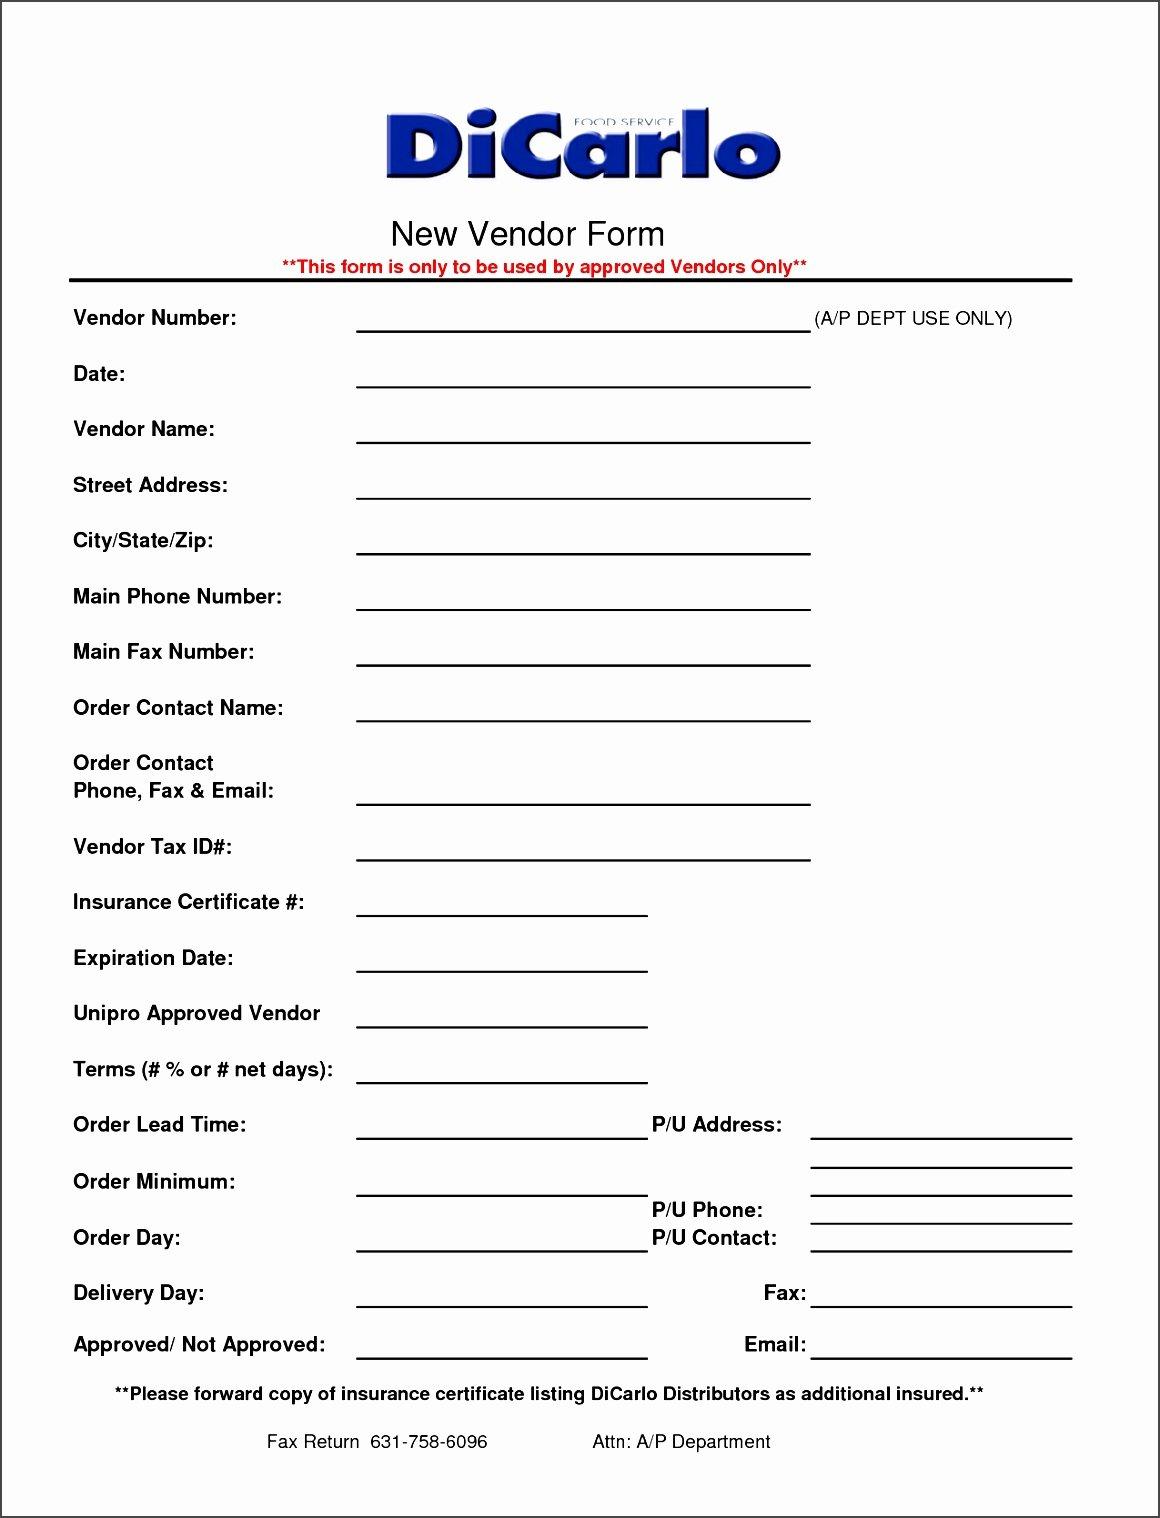 Vendor Information form Template Lovely Supplier Information form Template Yenef Luxury Best S